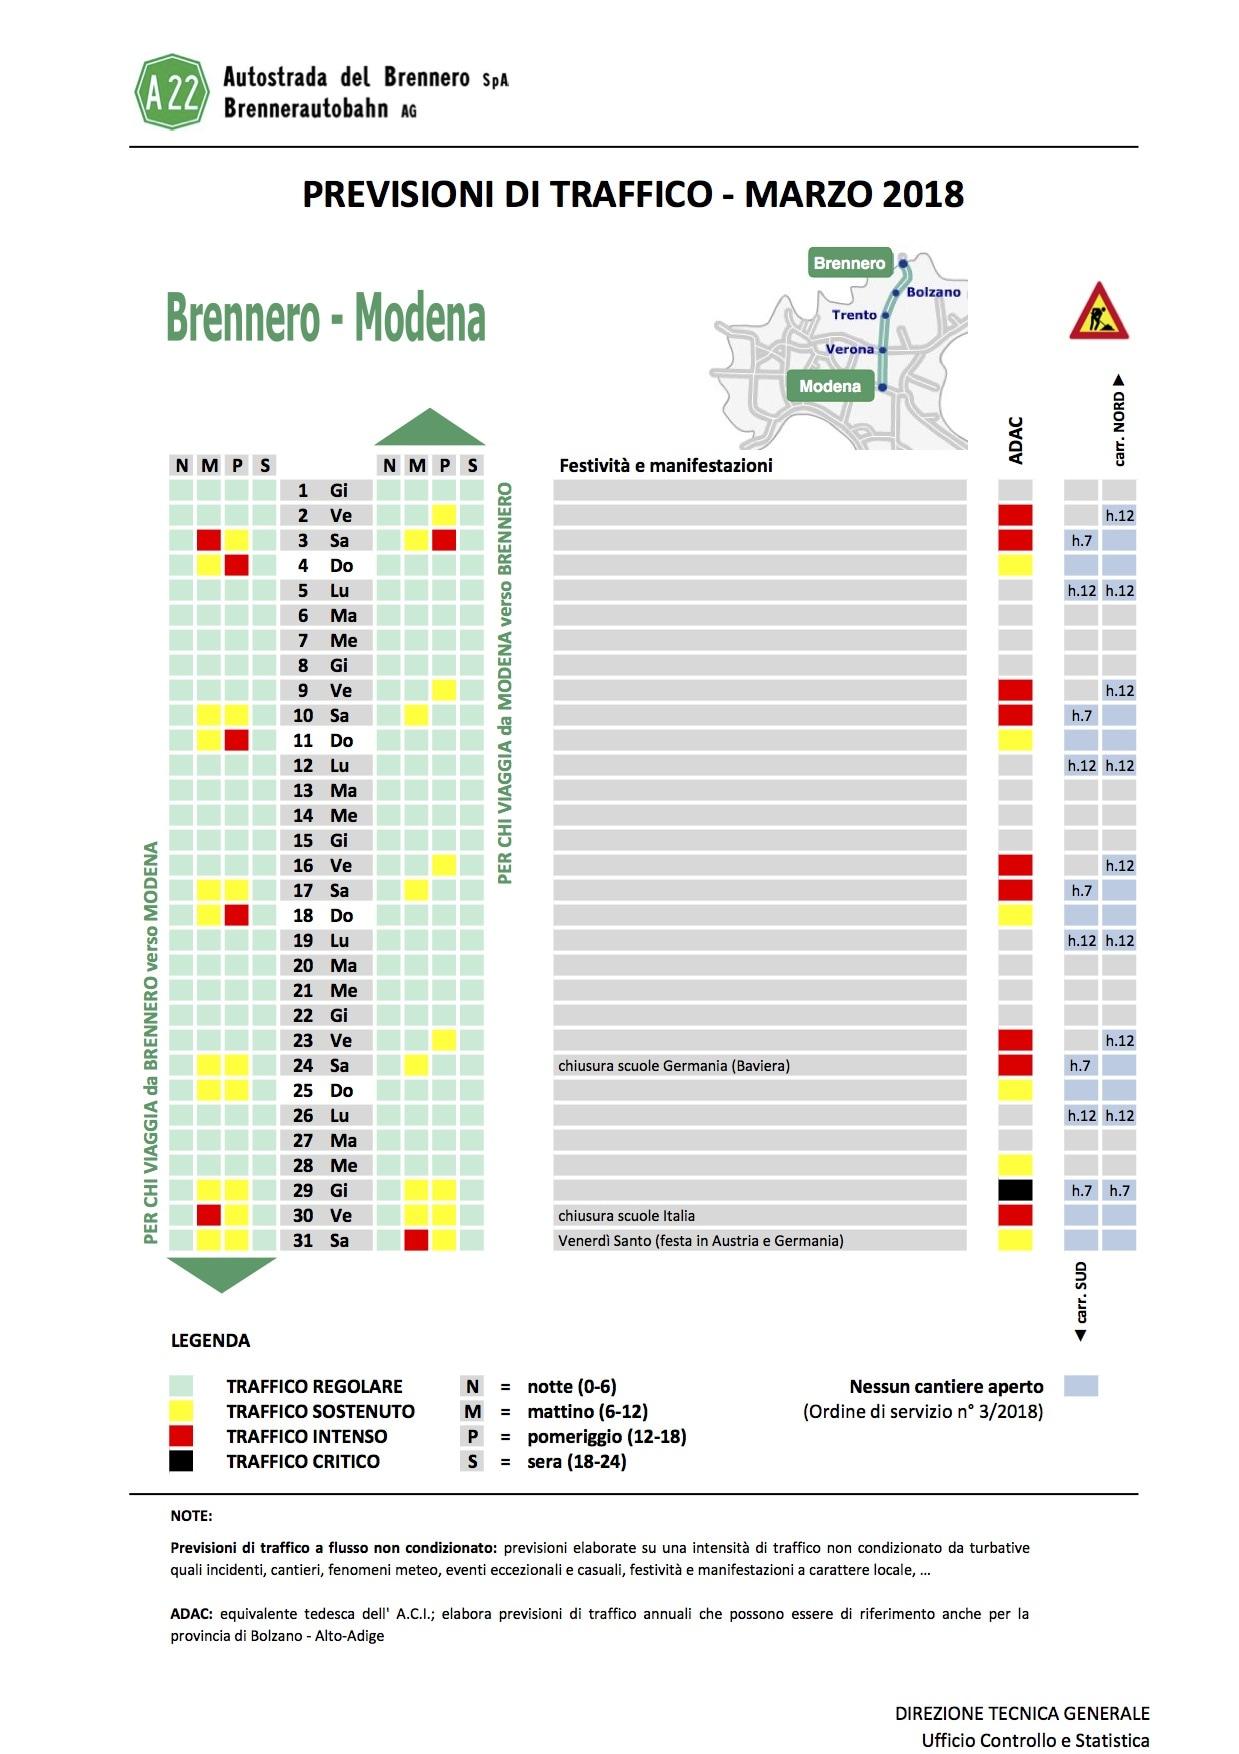 Calendario Traffico Autostrade.Esodo Pasquale Sulla A22 I Consigli E Le Previsioni Della